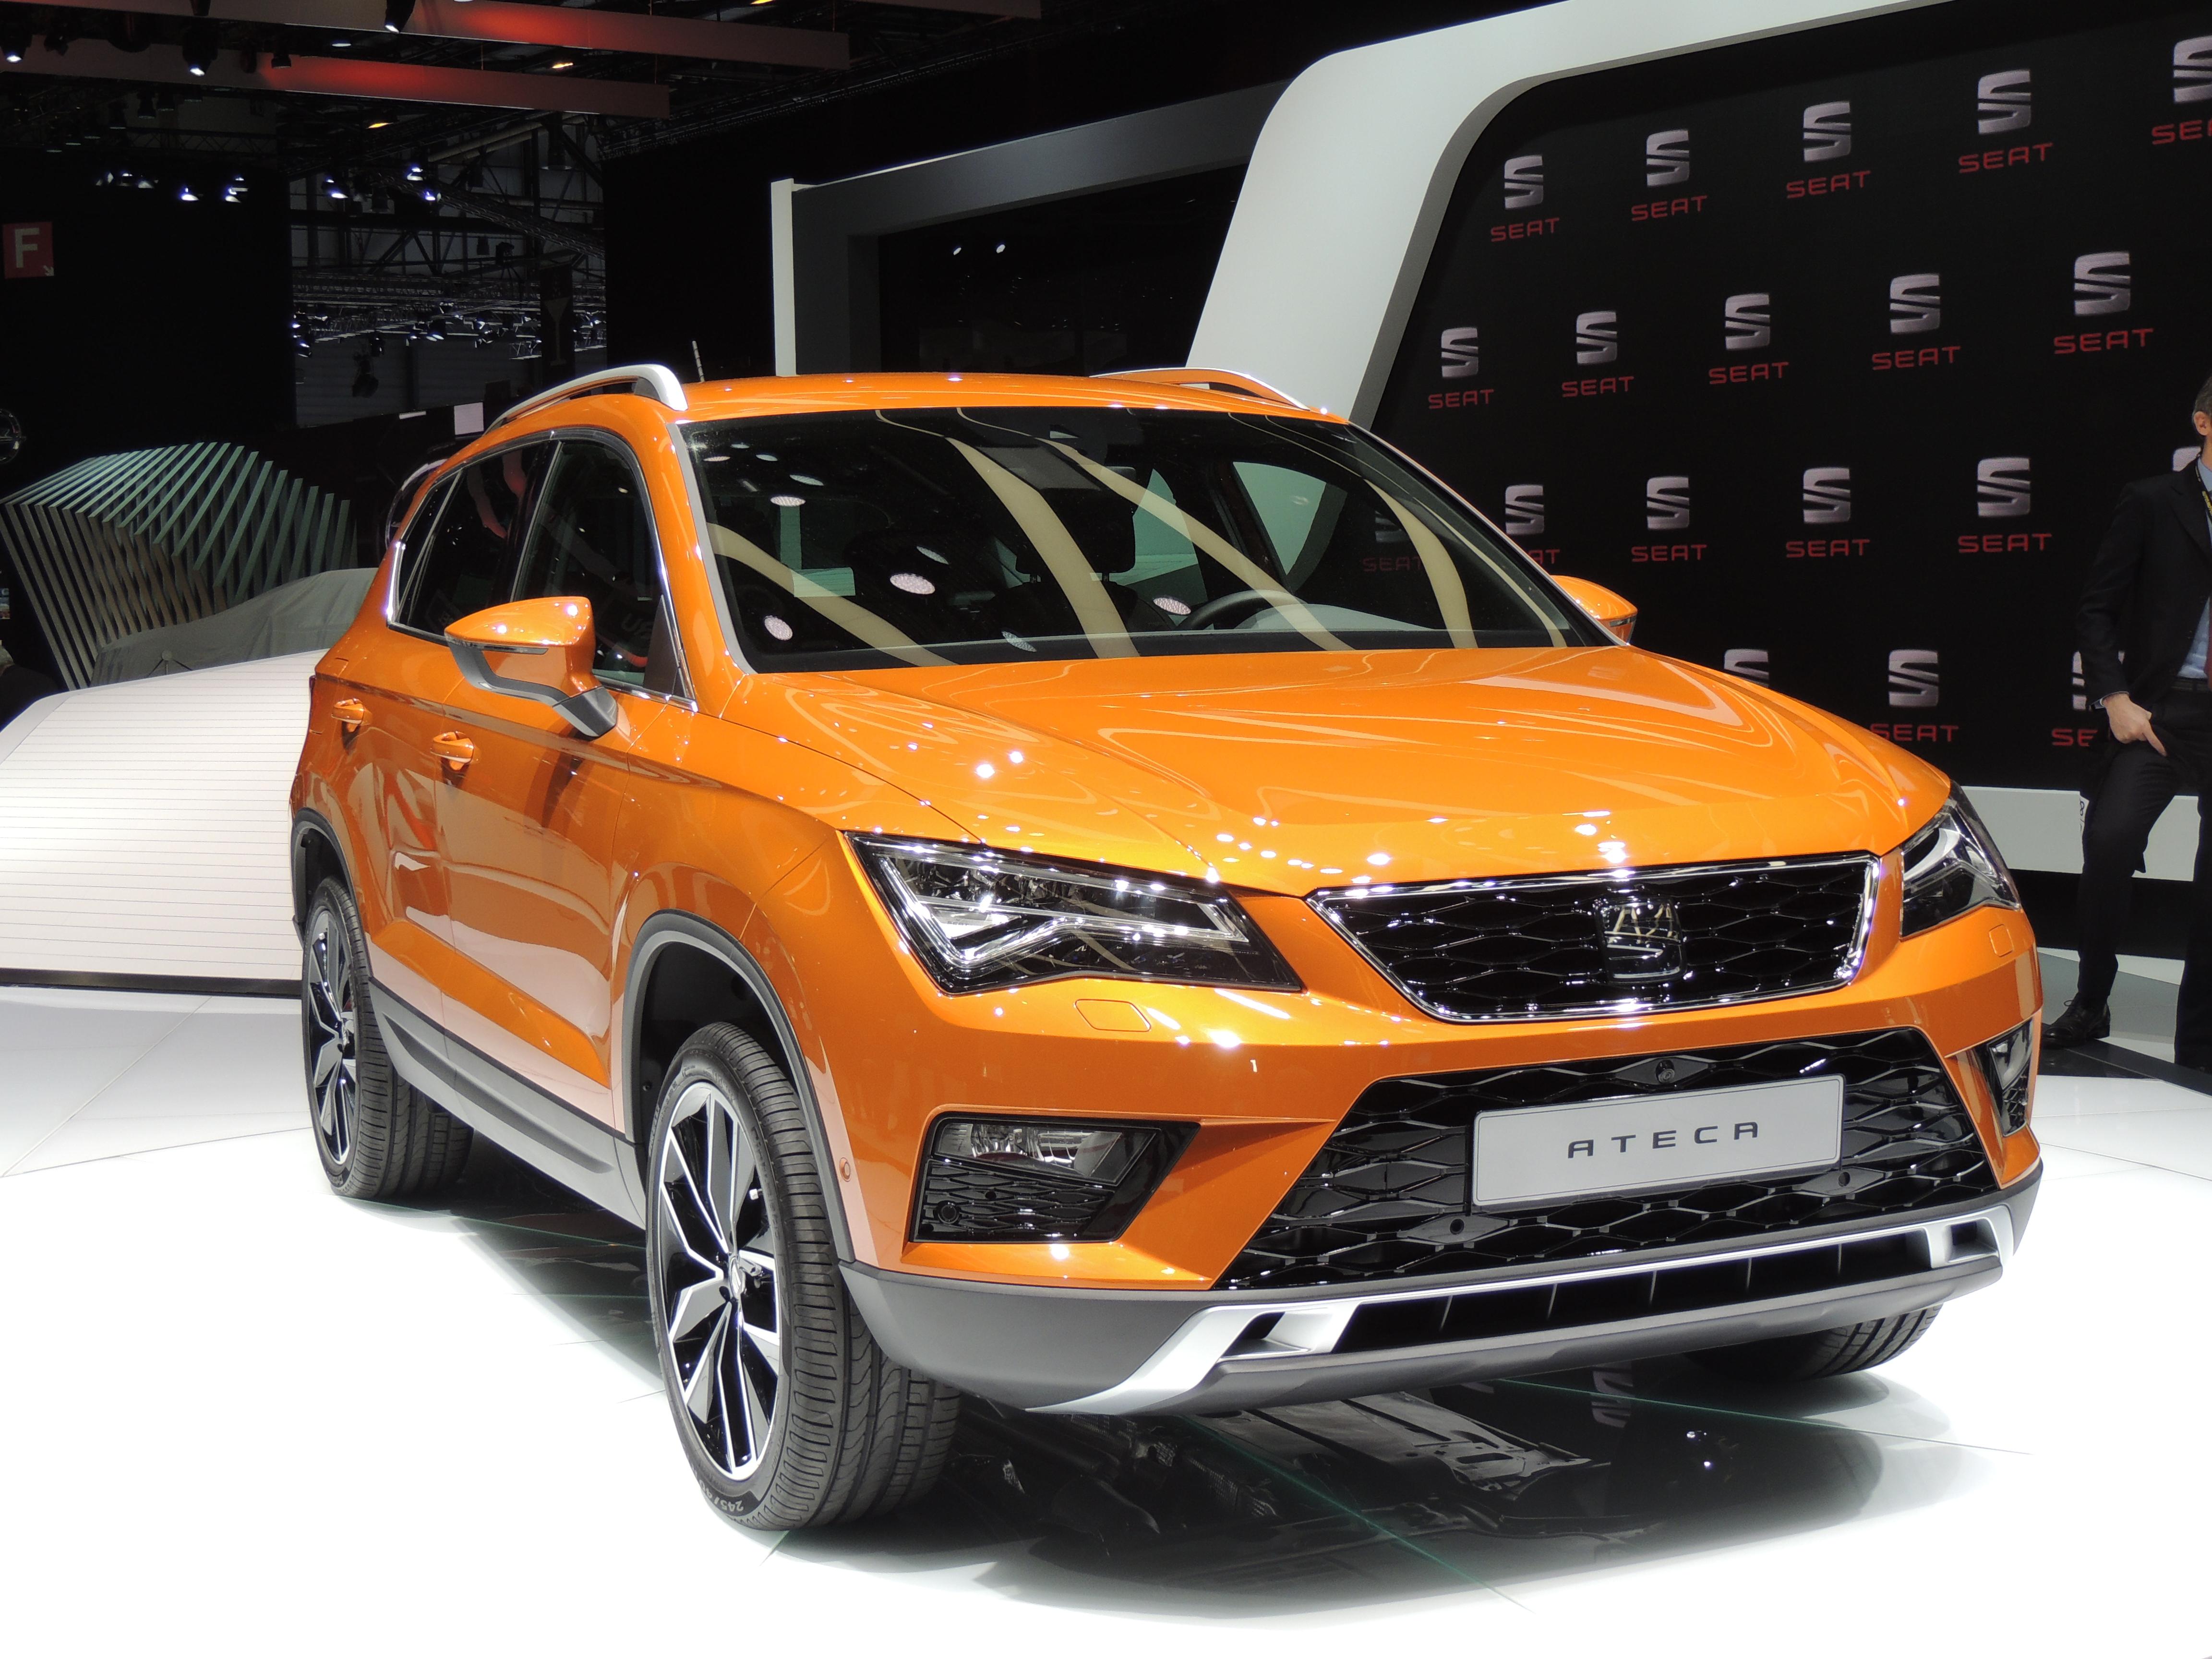 El nou model, encara sense nom, serà el germà gran del SUV Ateca